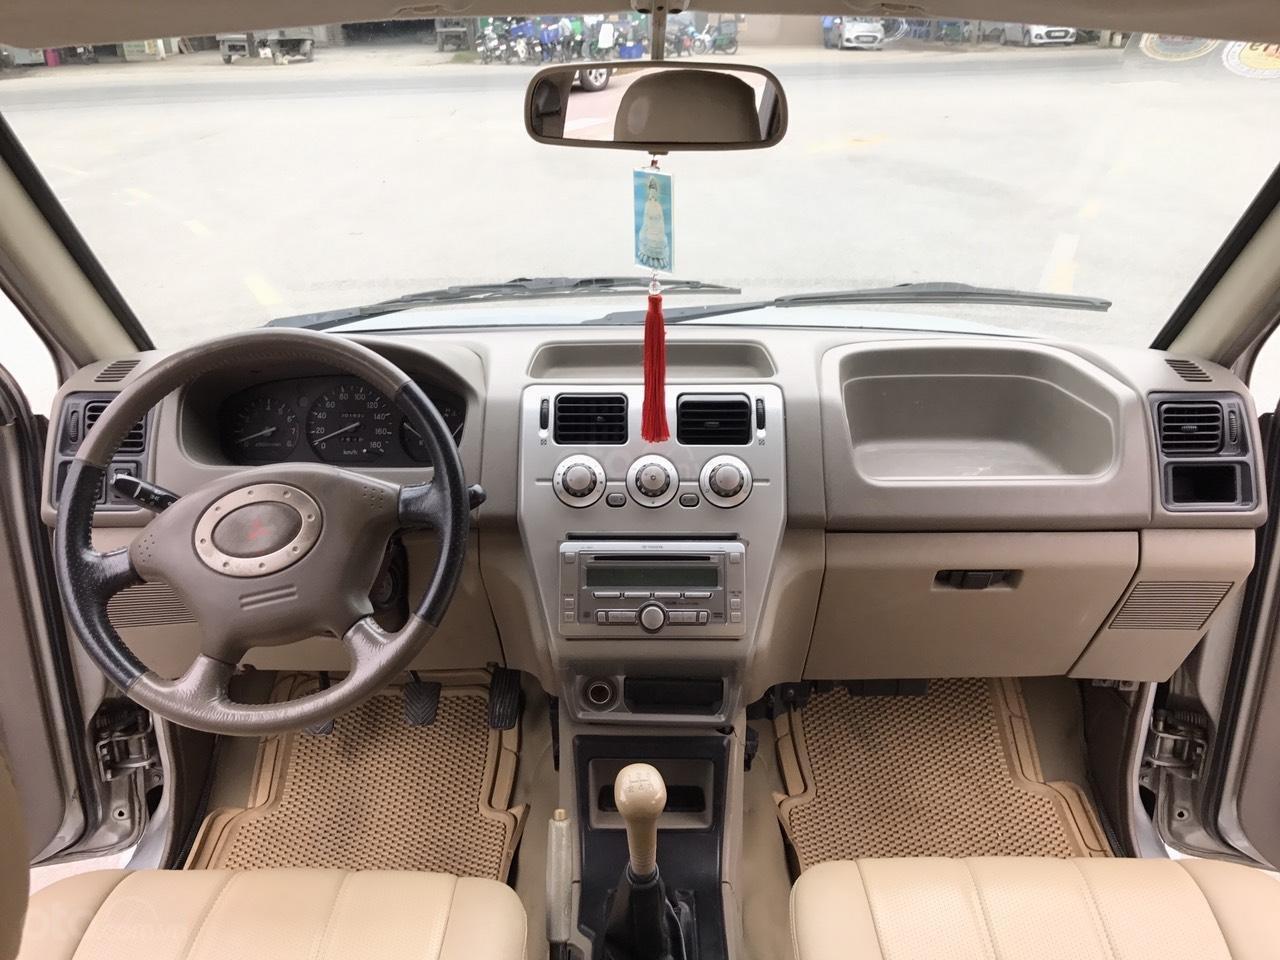 Cần bán xe Mitsubishi Jolie SS đời 2005, màu xám (ghi), cam kết máy nguyên mới (5)